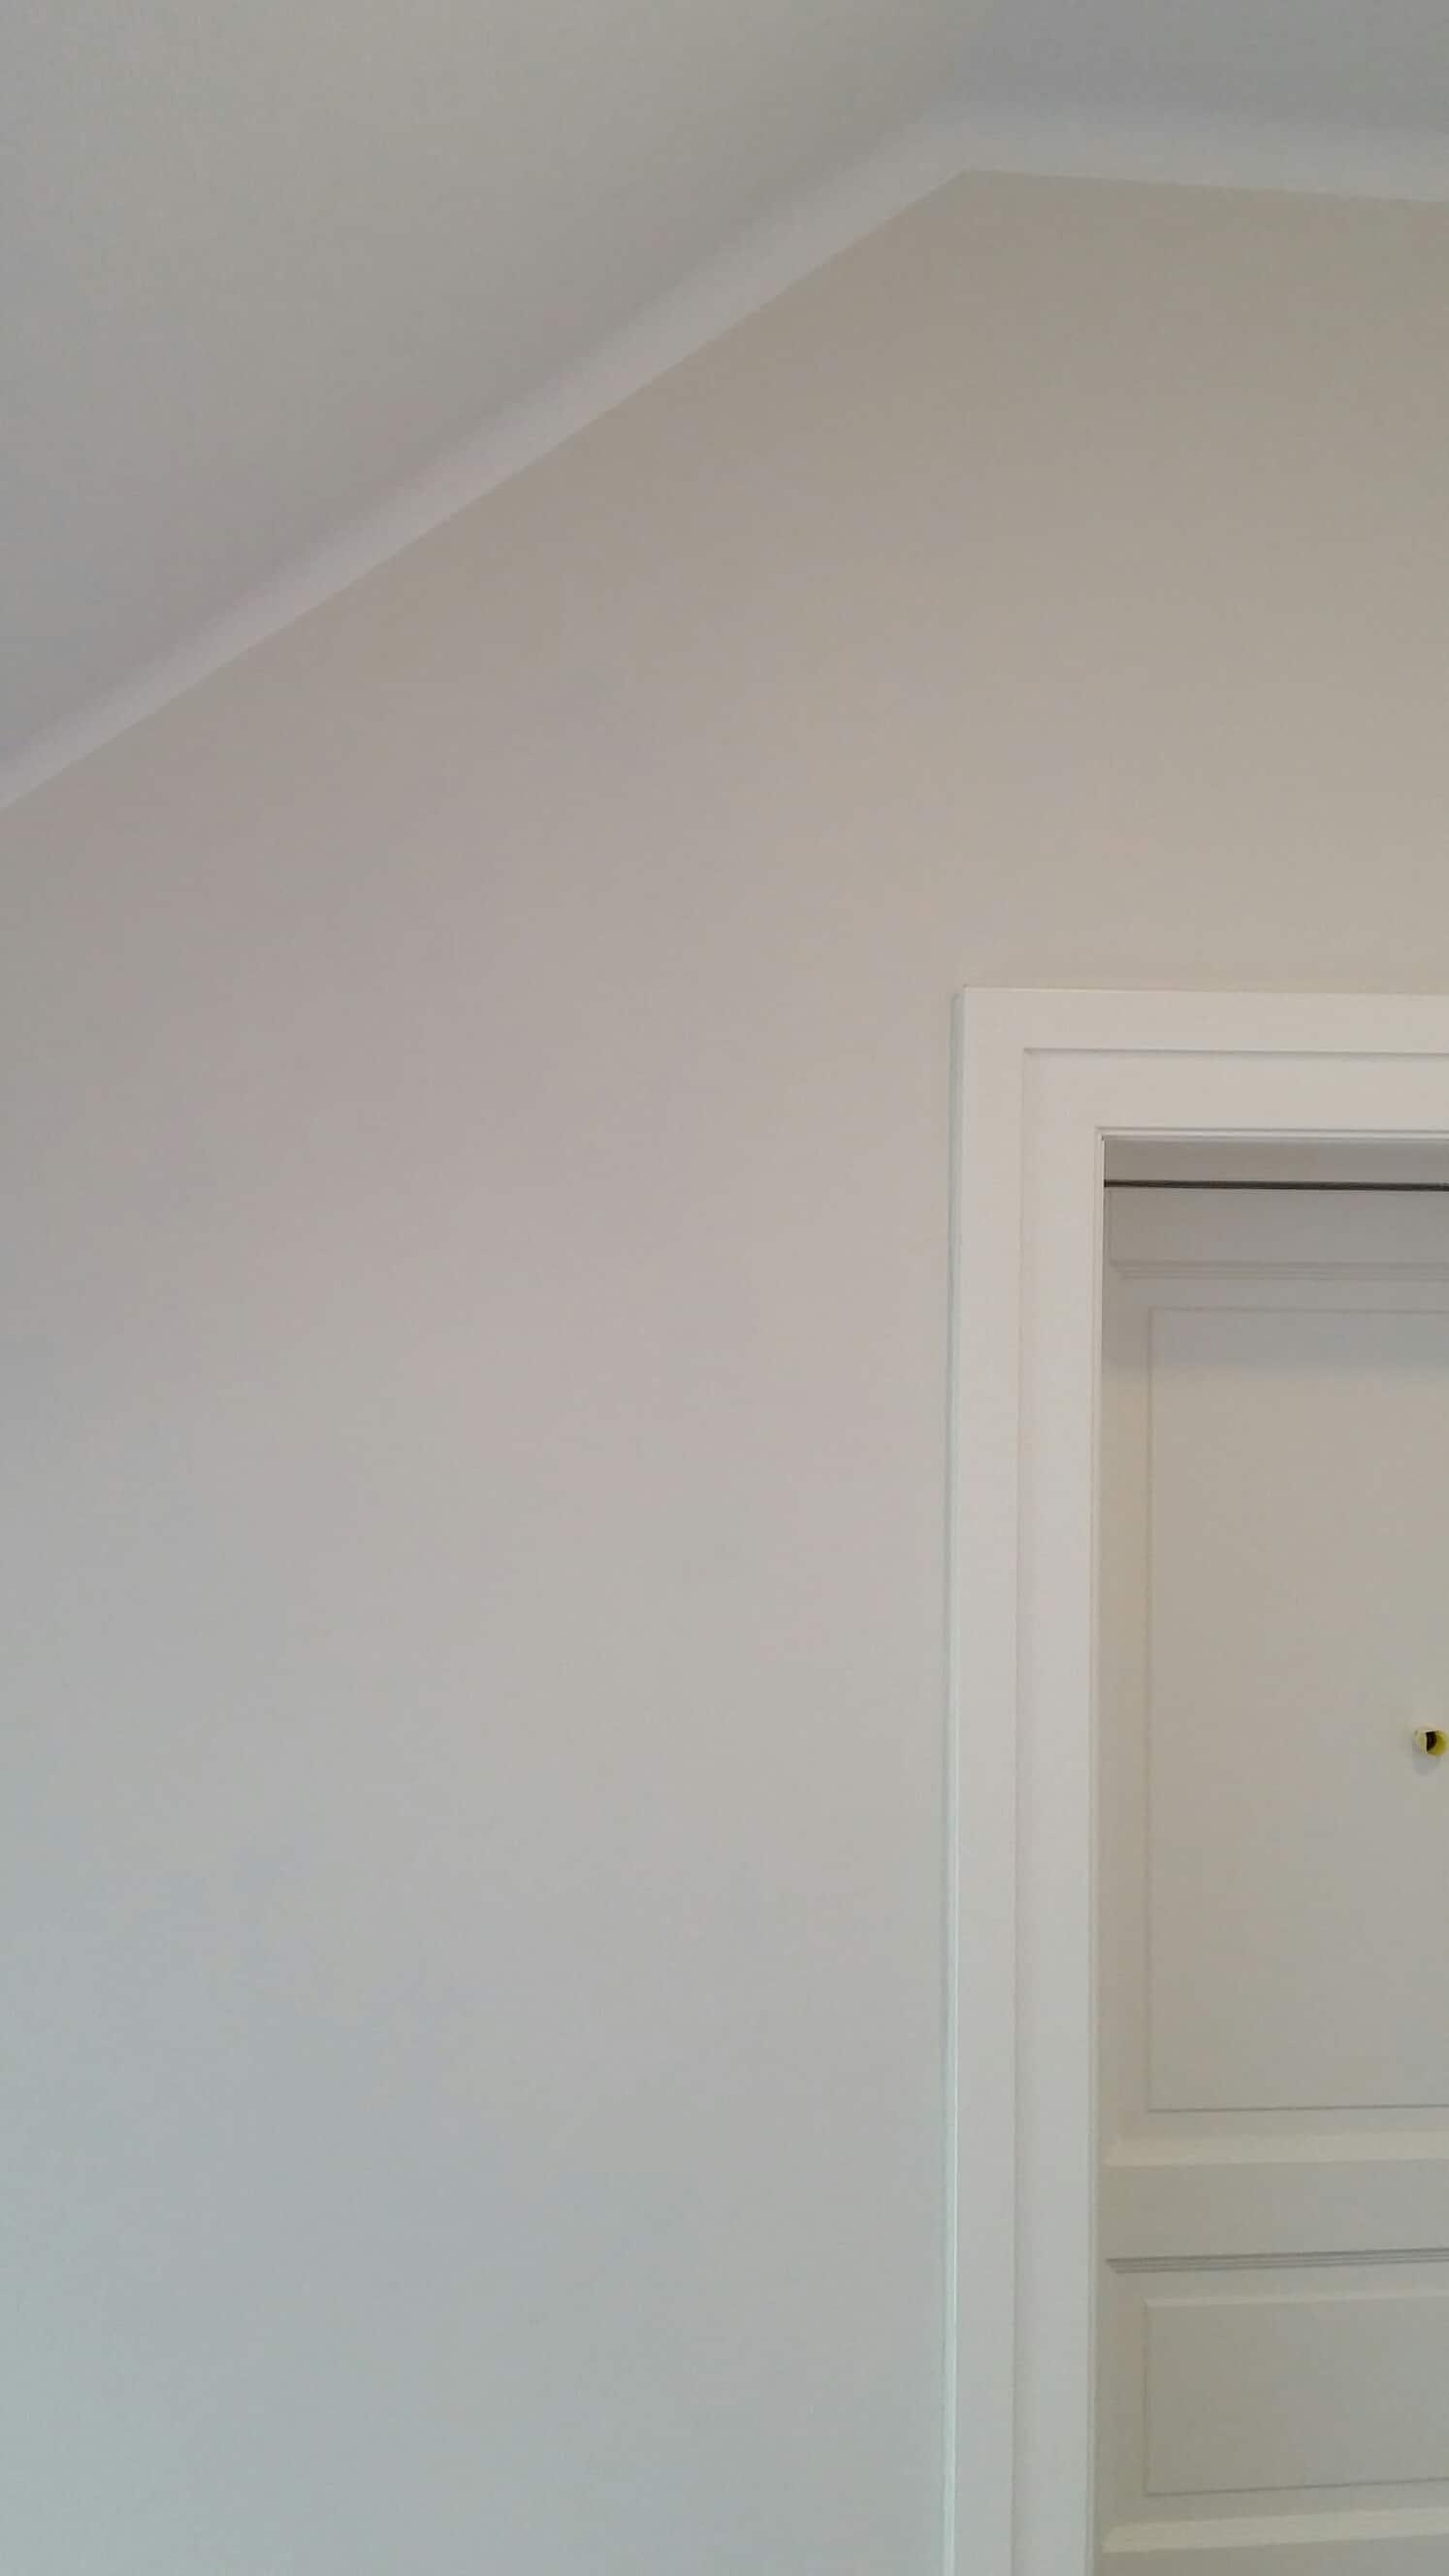 hvit vegg